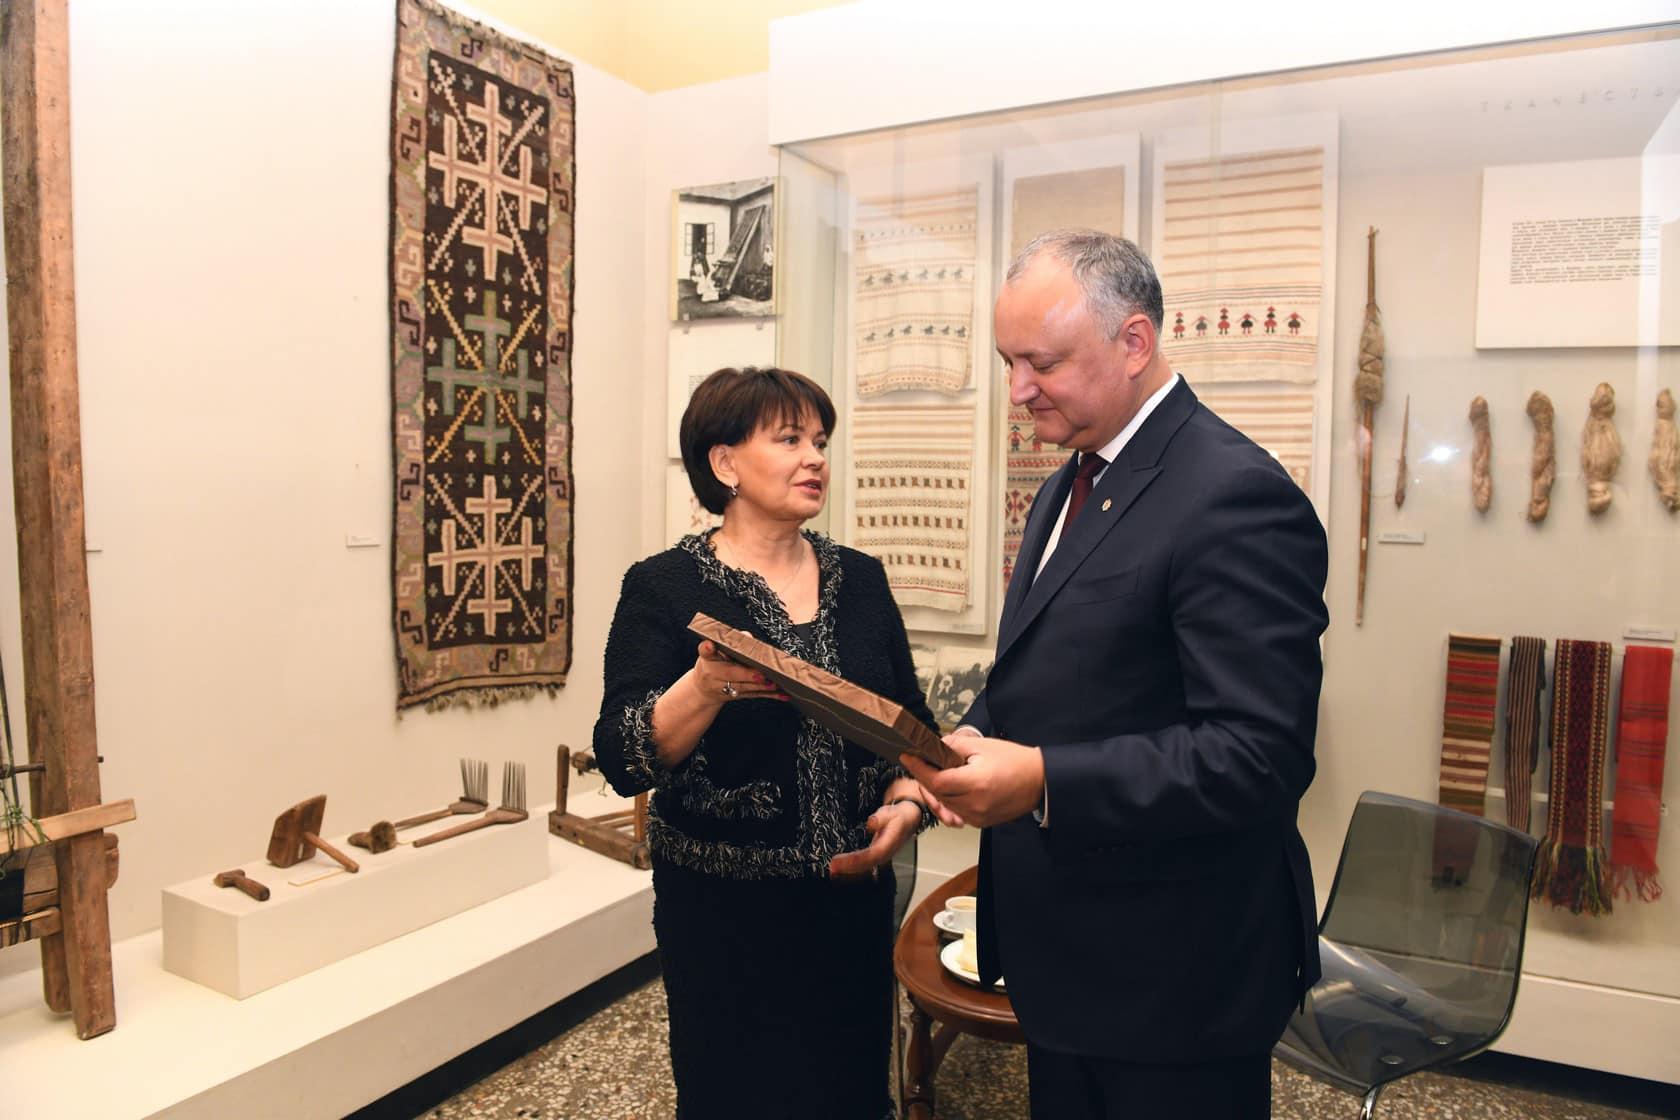 Игорь Додон провел встречу с вице-губернатором Санкт-Петербурга (ФОТО, ВИДЕО)